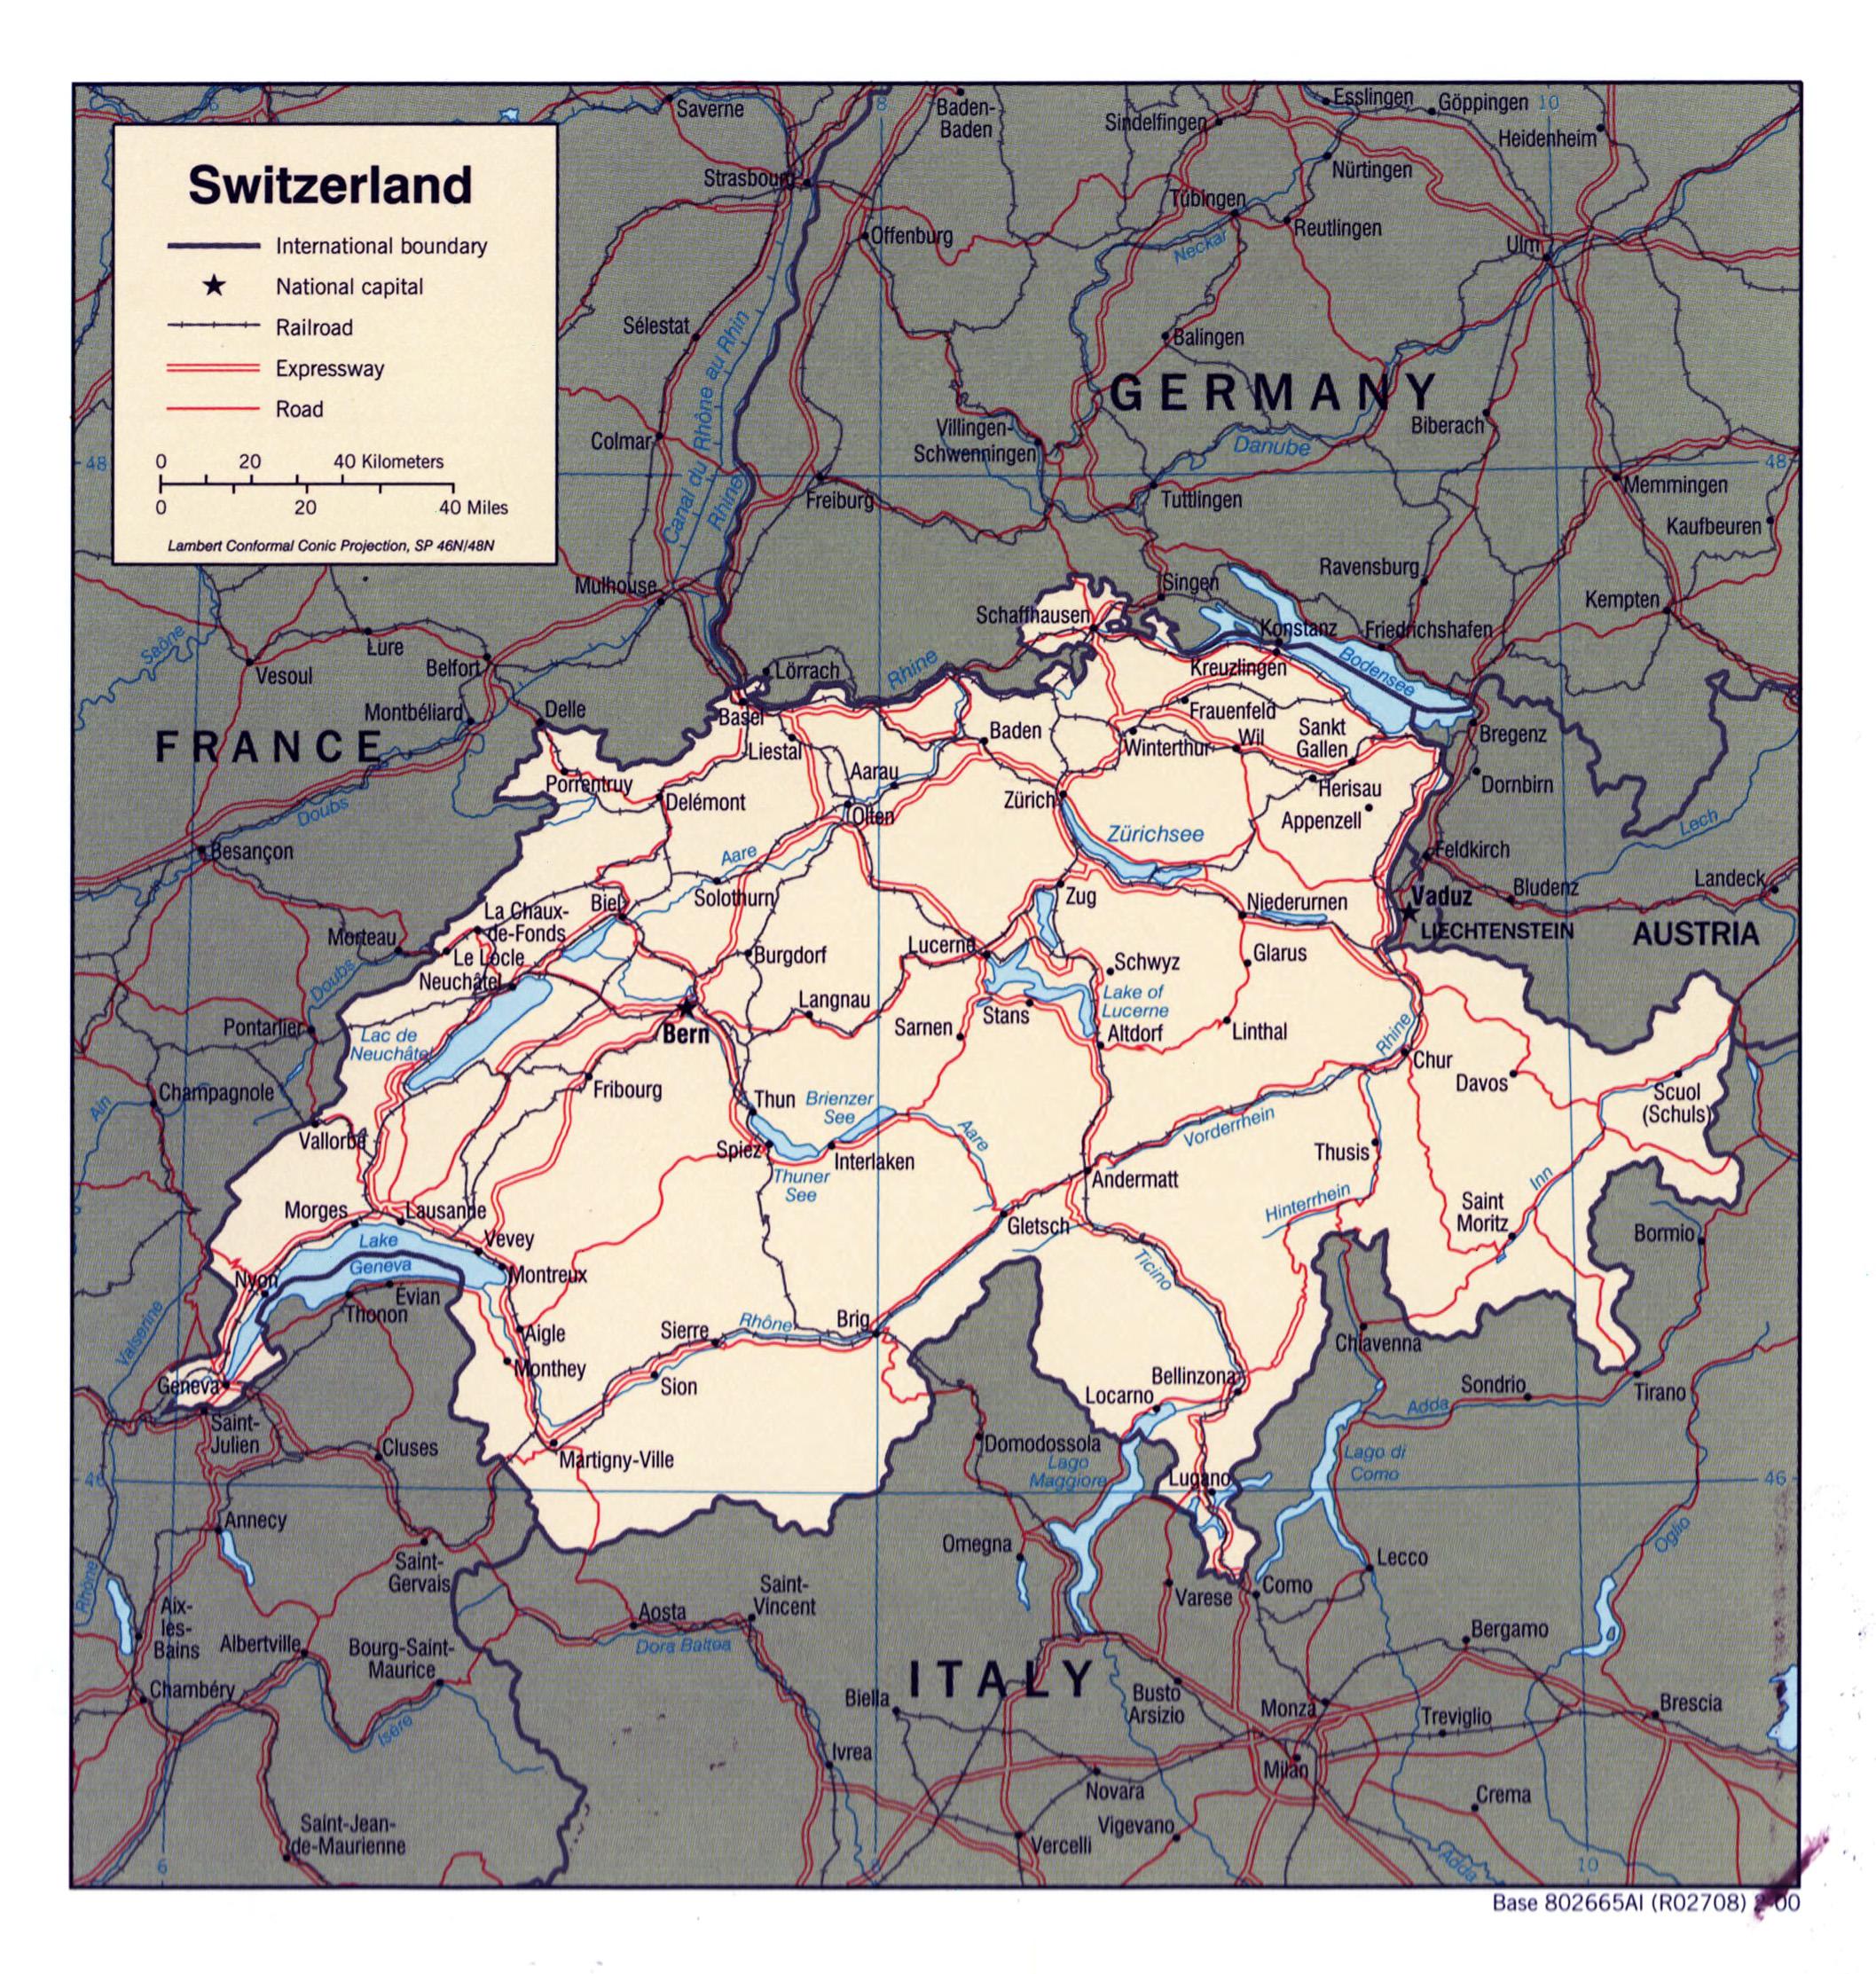 Mapa Politico De Suiza.Grande Detallado Mapa Politico De Suiza 2000 Suiza